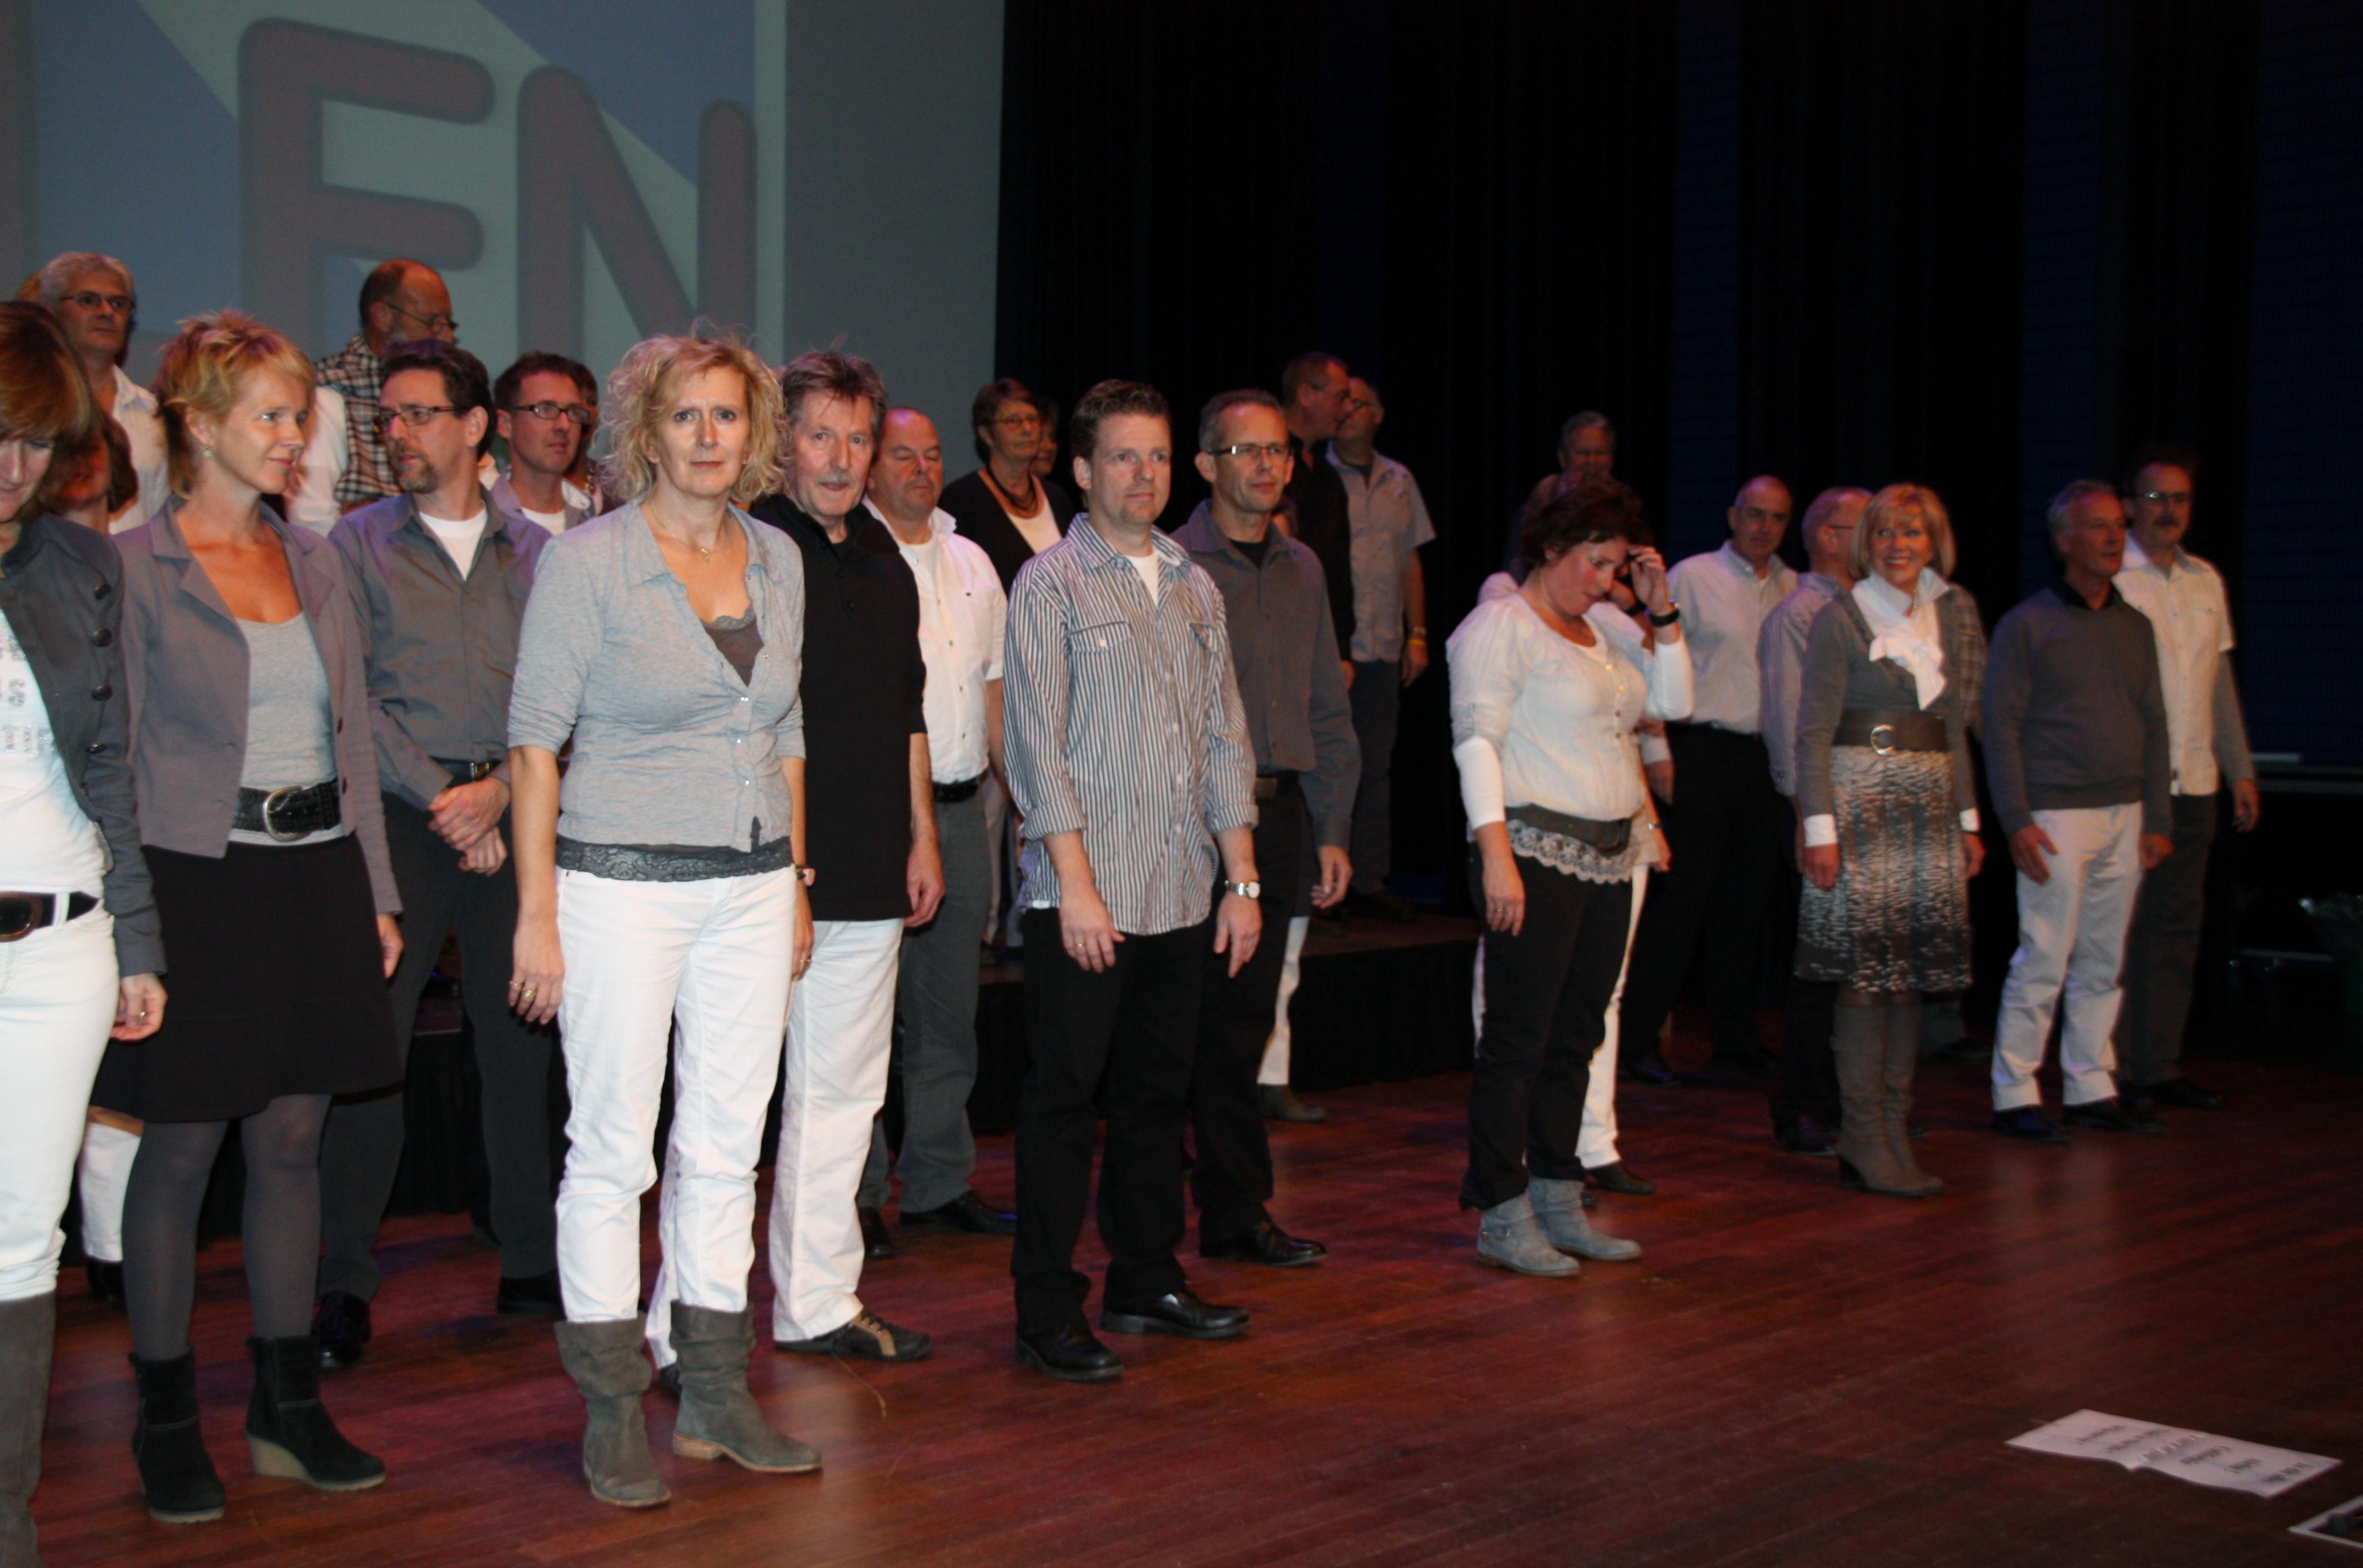 Koren op de Rosmolen 2012_2012 10 27_1841